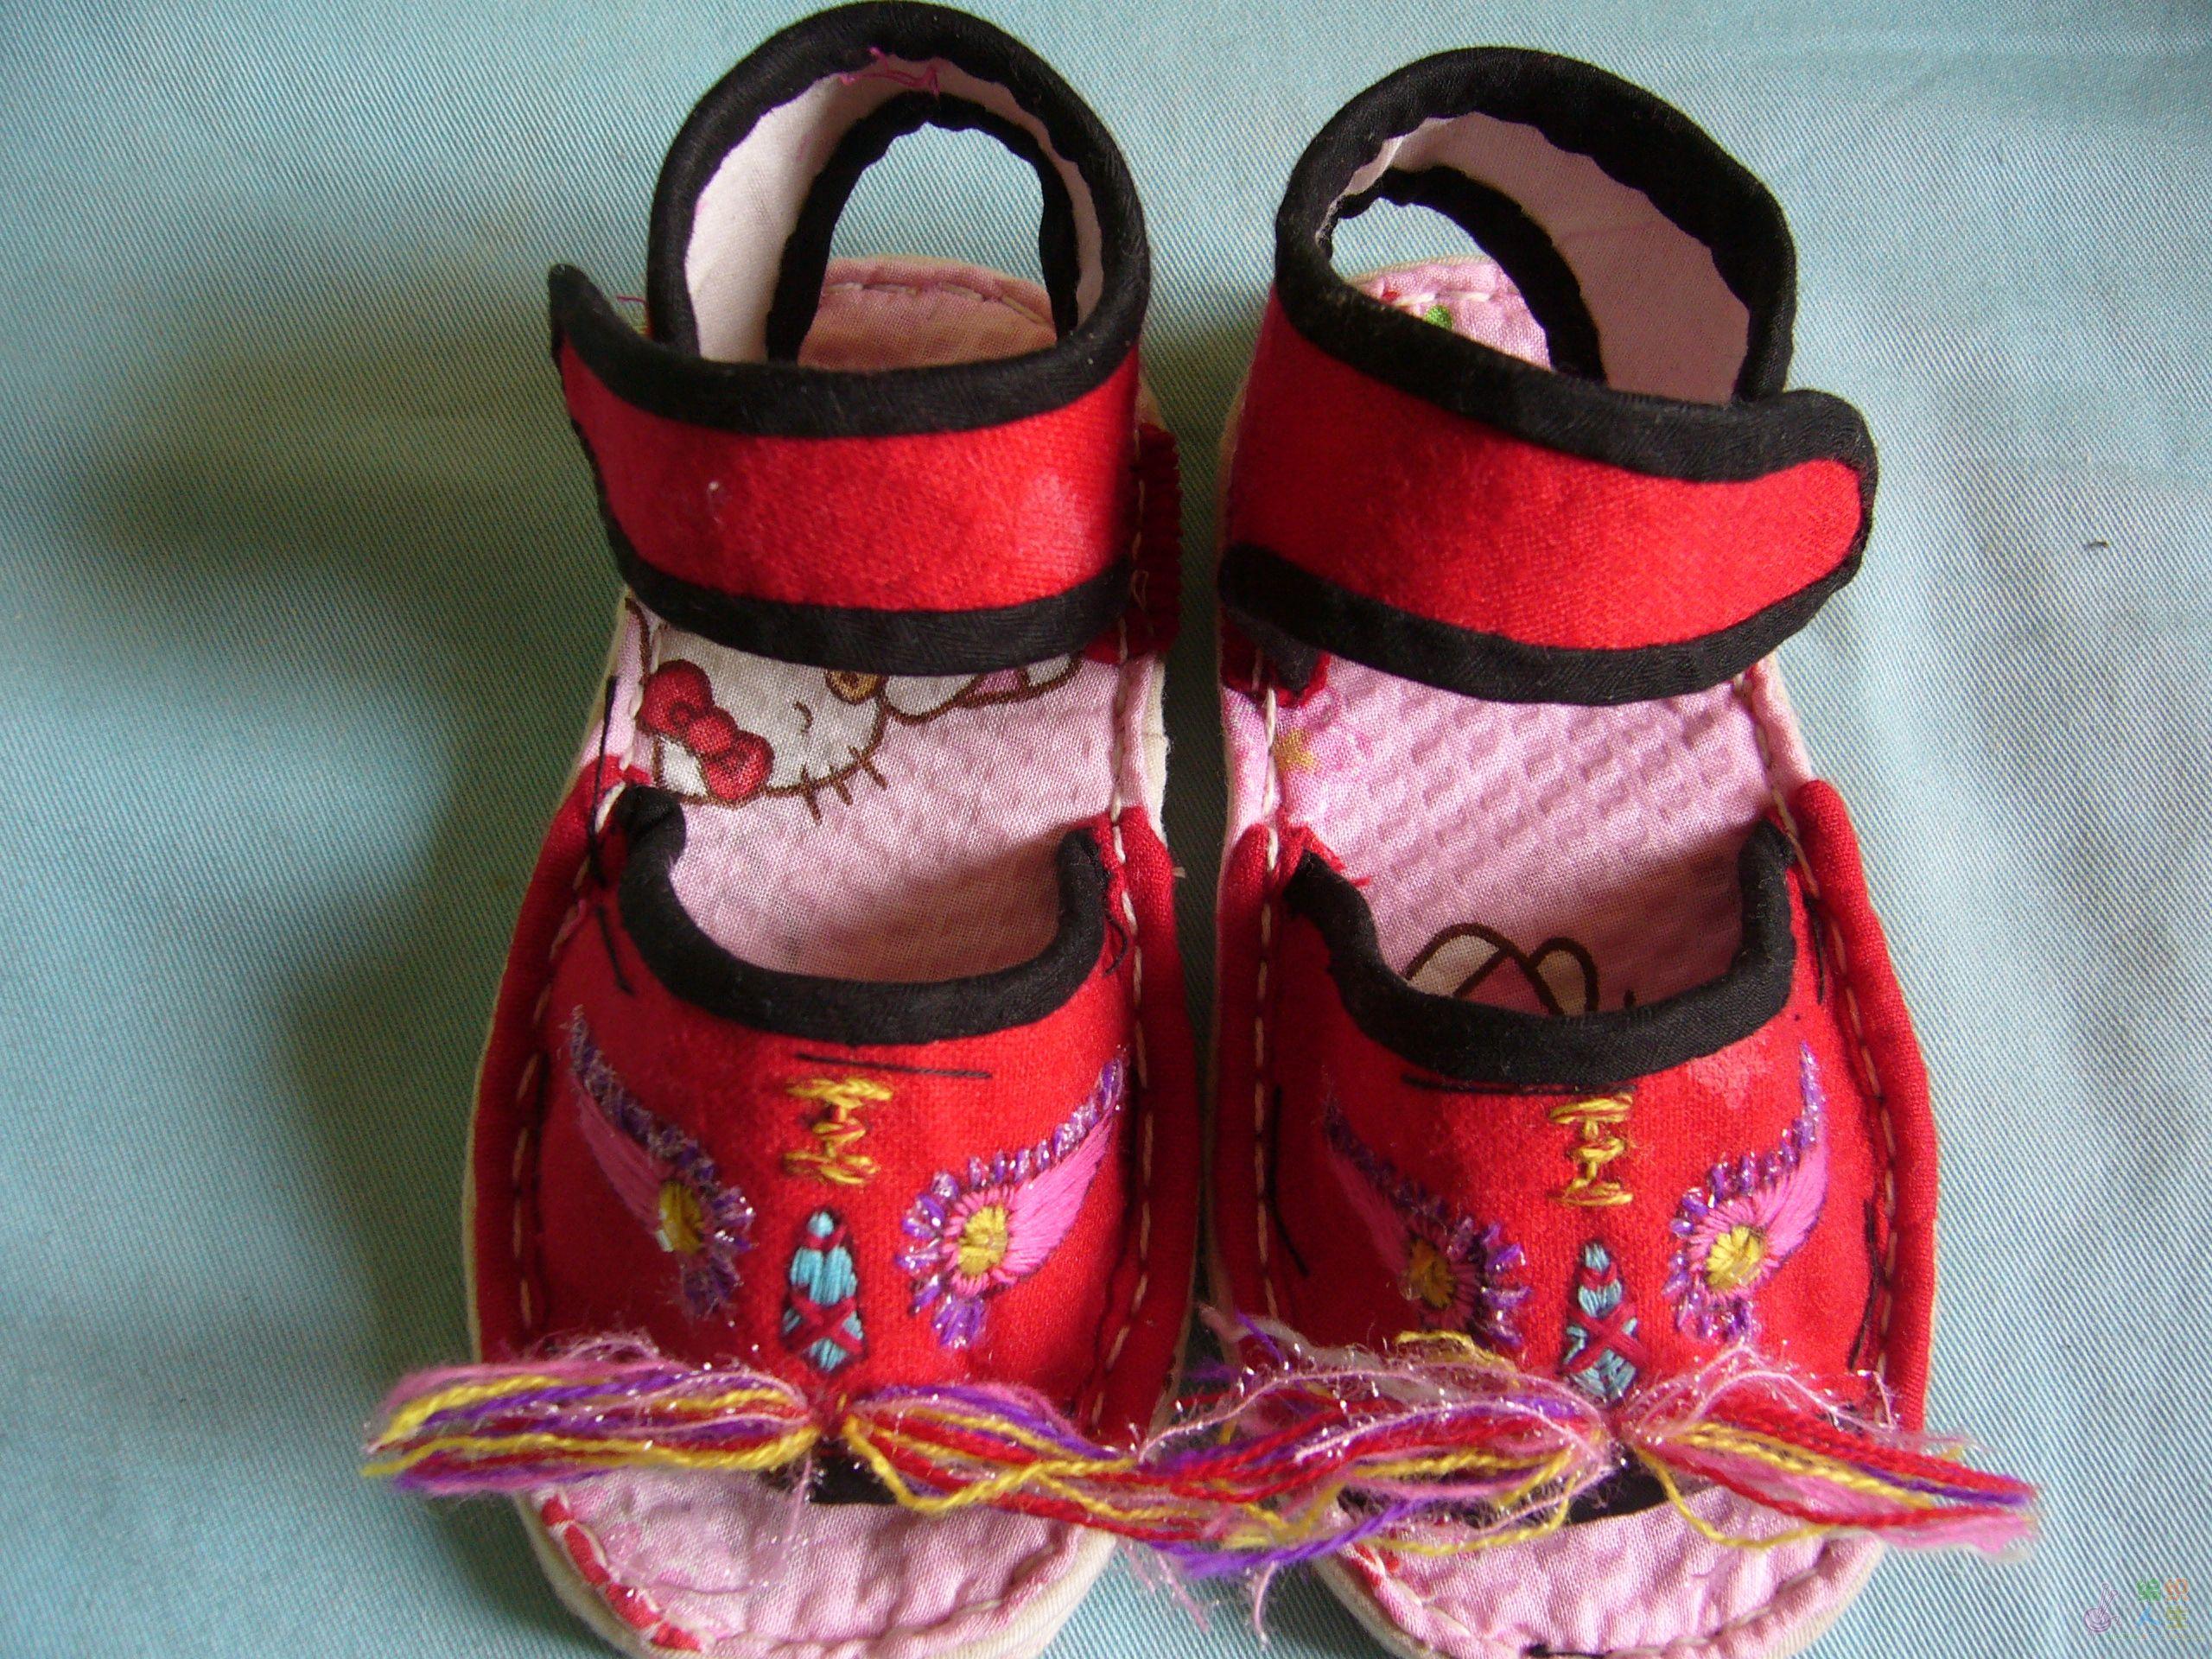 小孩虎头鞋样的画法-小孩手工老虎头鞋图片-婴儿鞋样